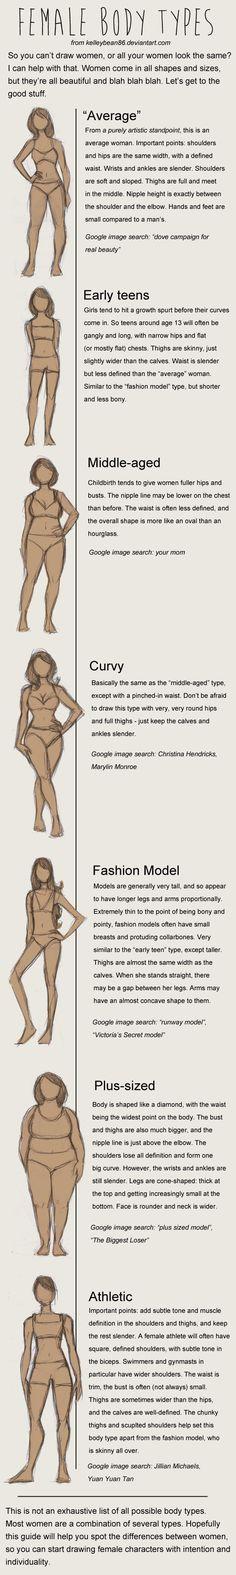 Female body types. #funny